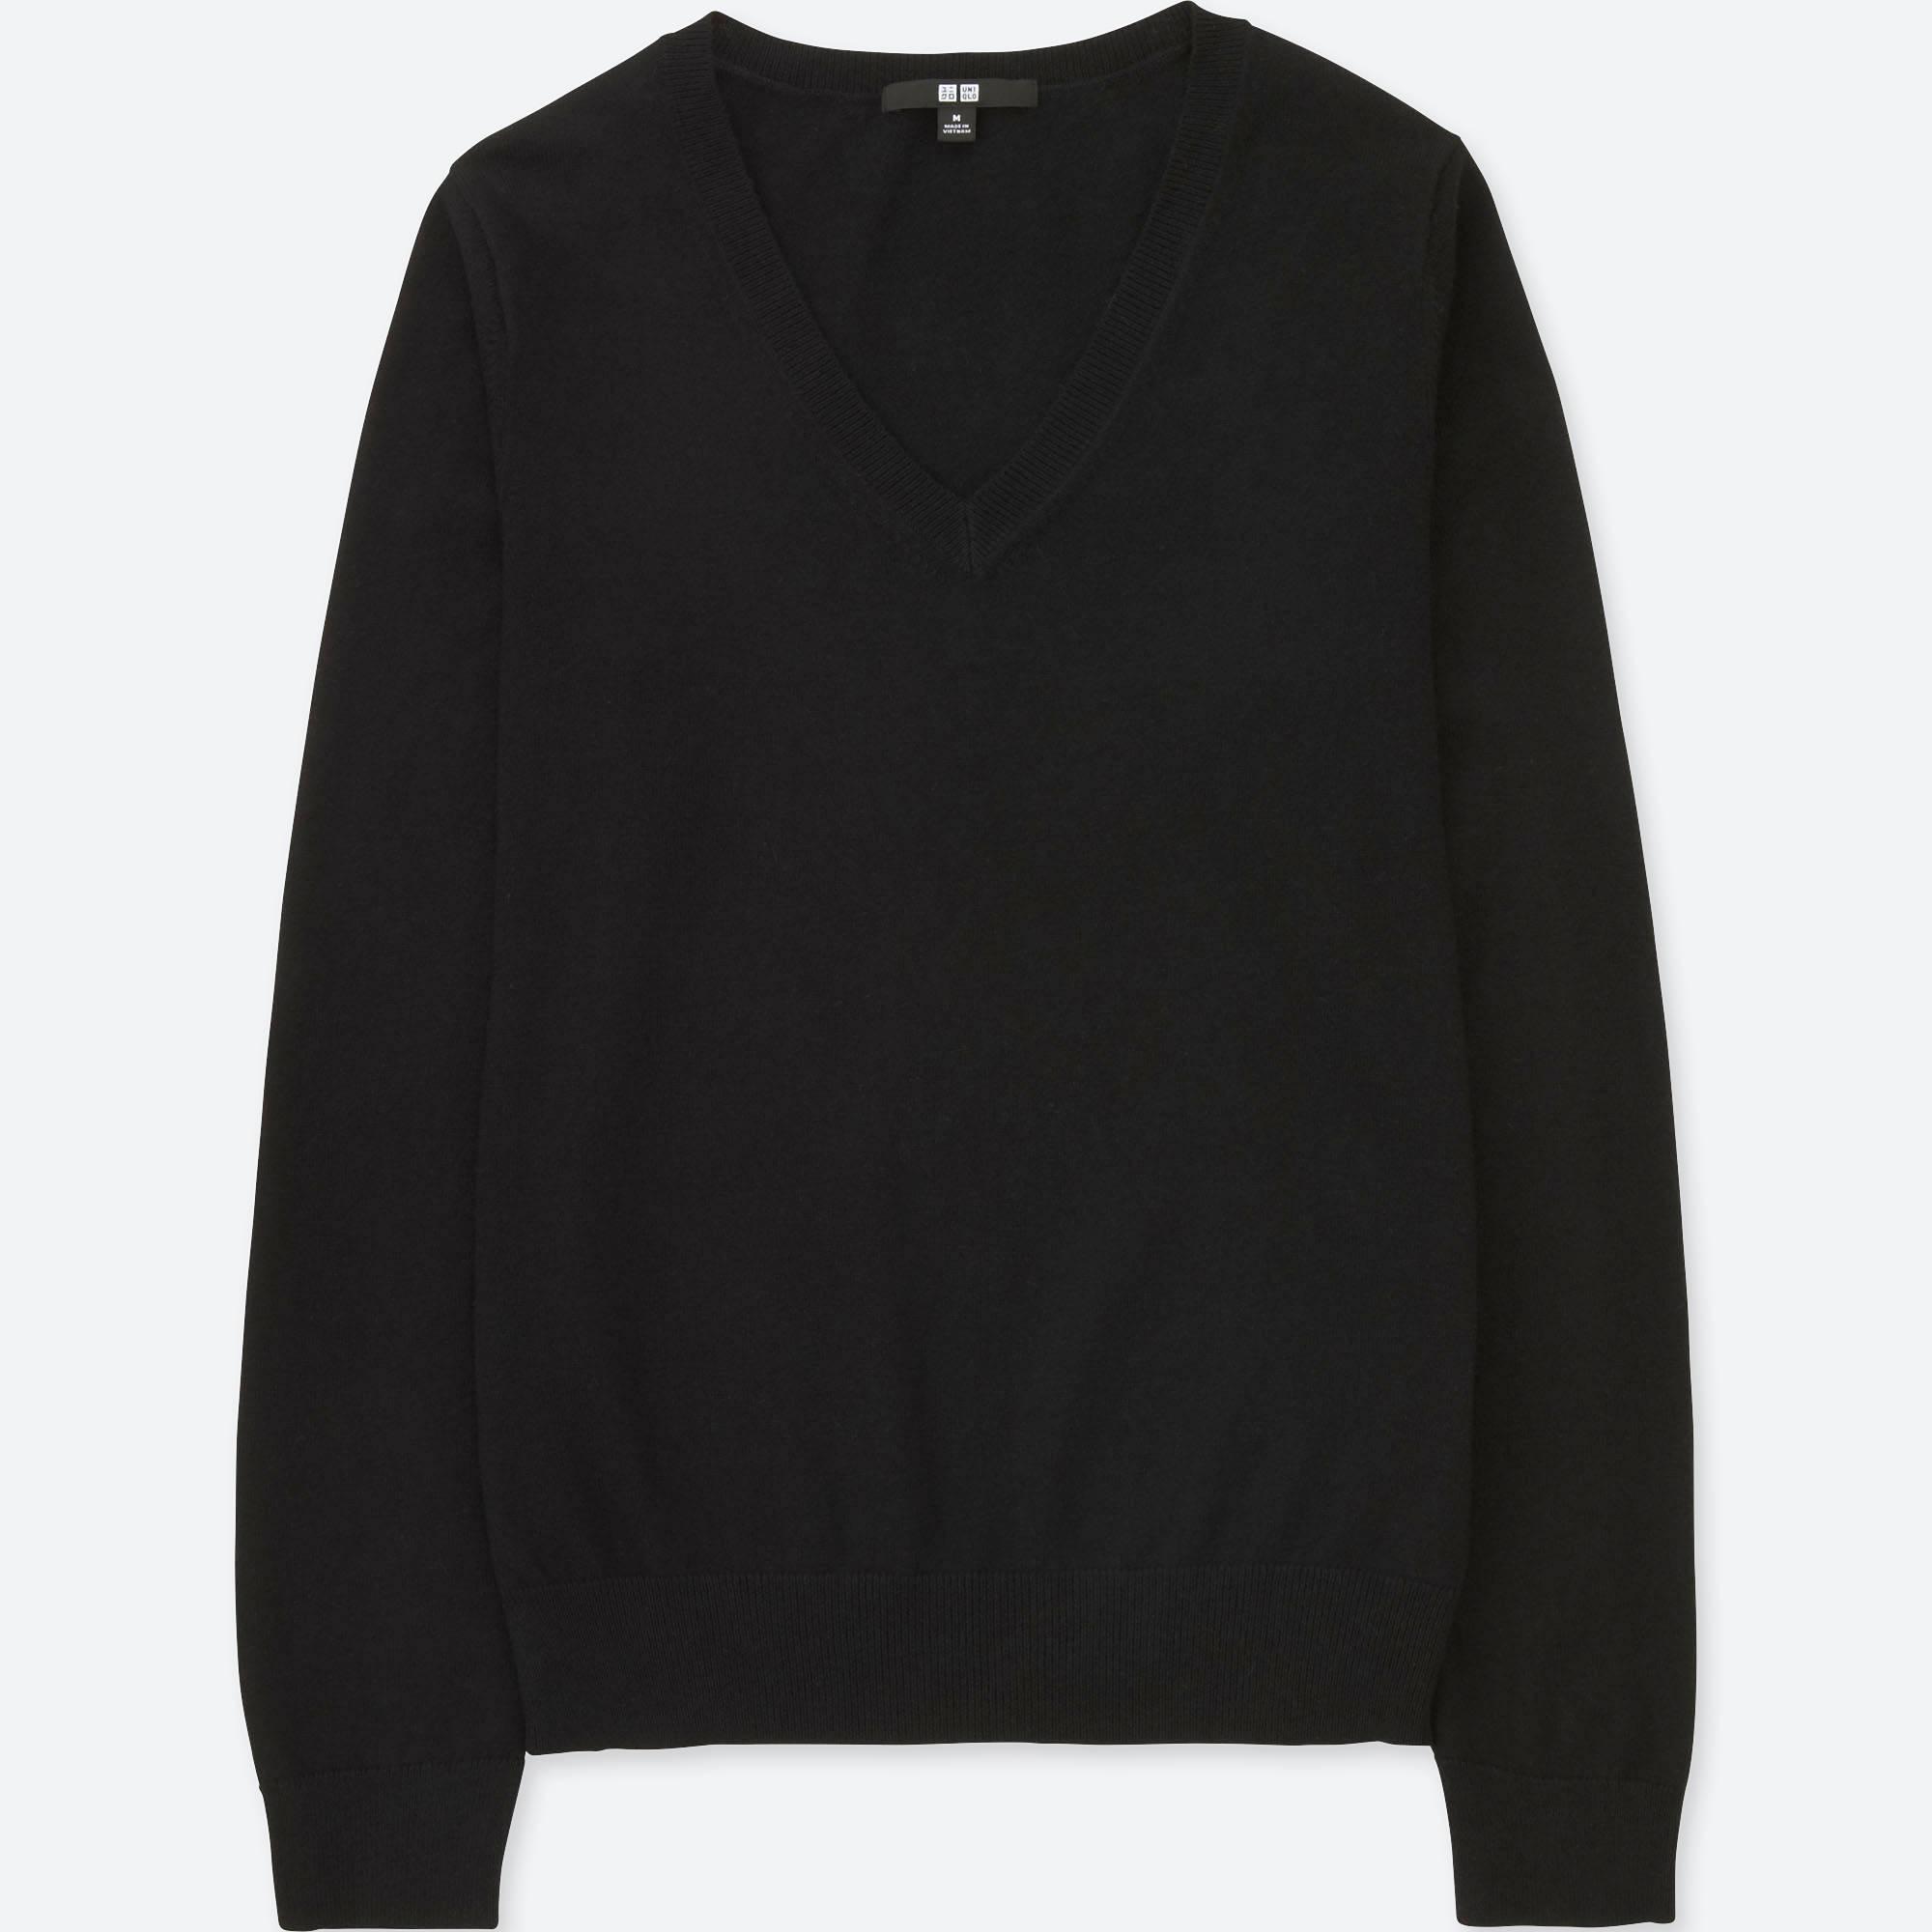 Uniqlo Women Cotton Cashmere V-neck Sweater in Black | Lyst